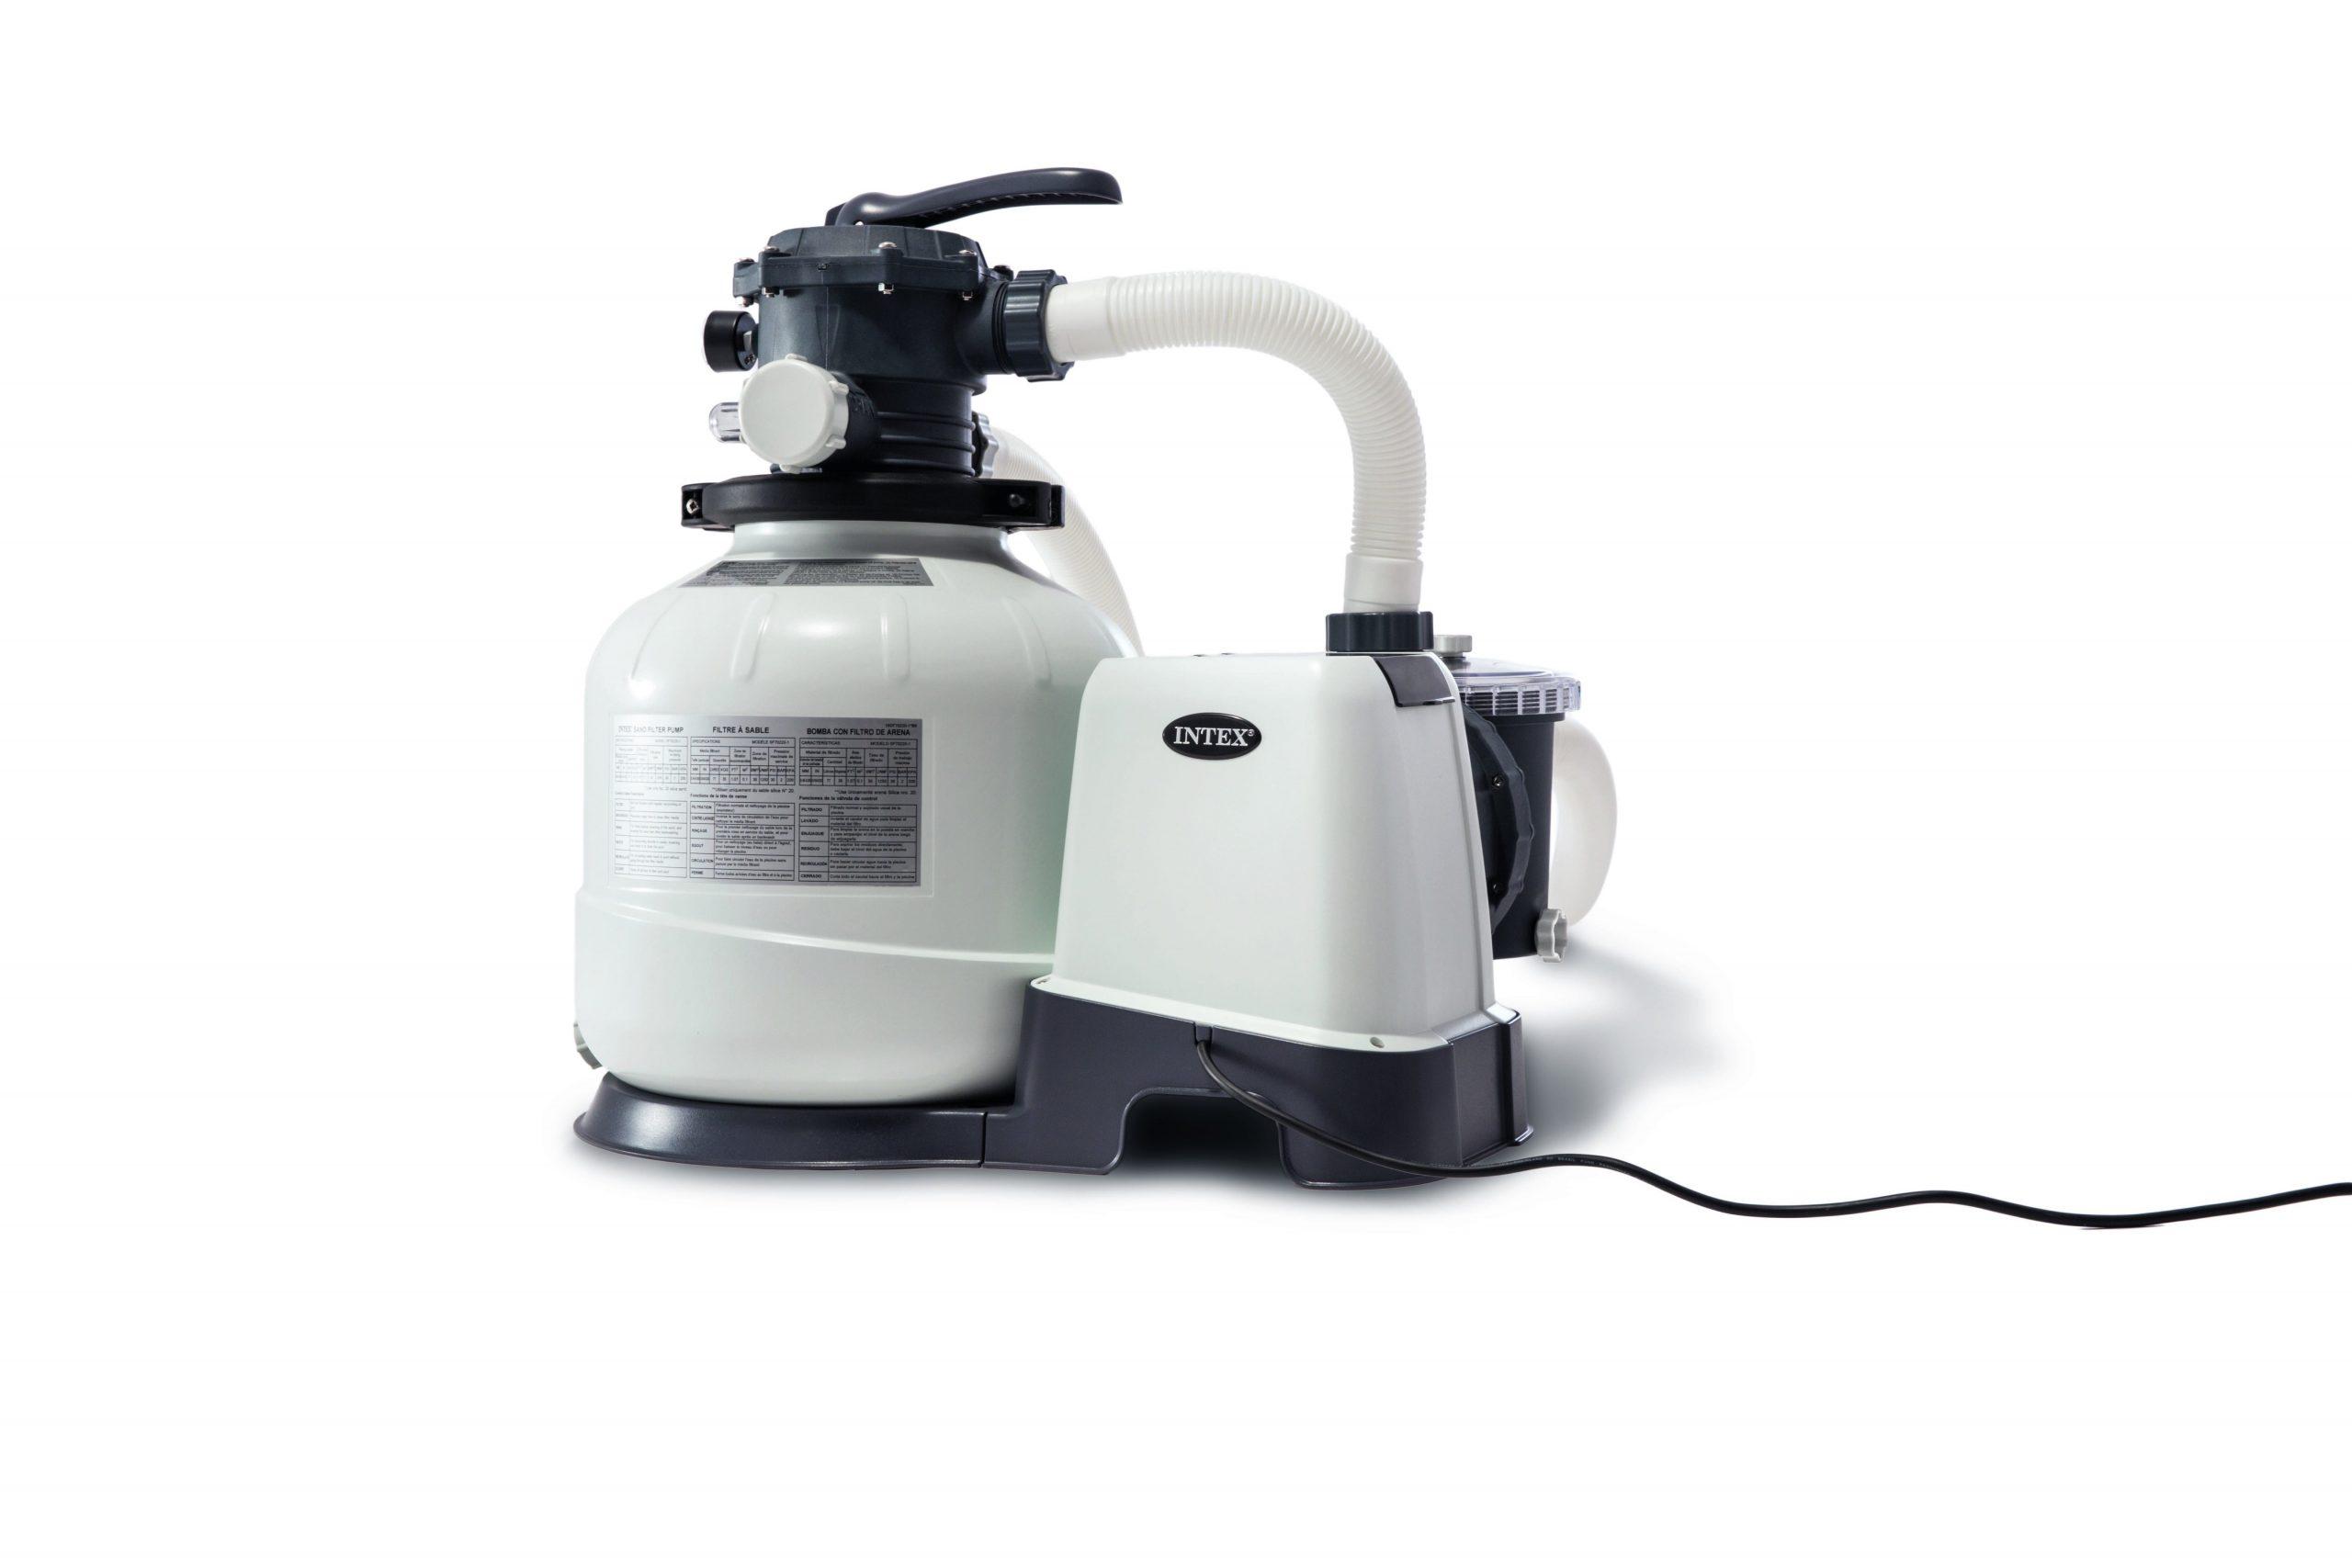 Filtre À Sable Pour Piscine Intex 8 M³/h encequiconcerne Pompe Piscine Intex Leroy Merlin